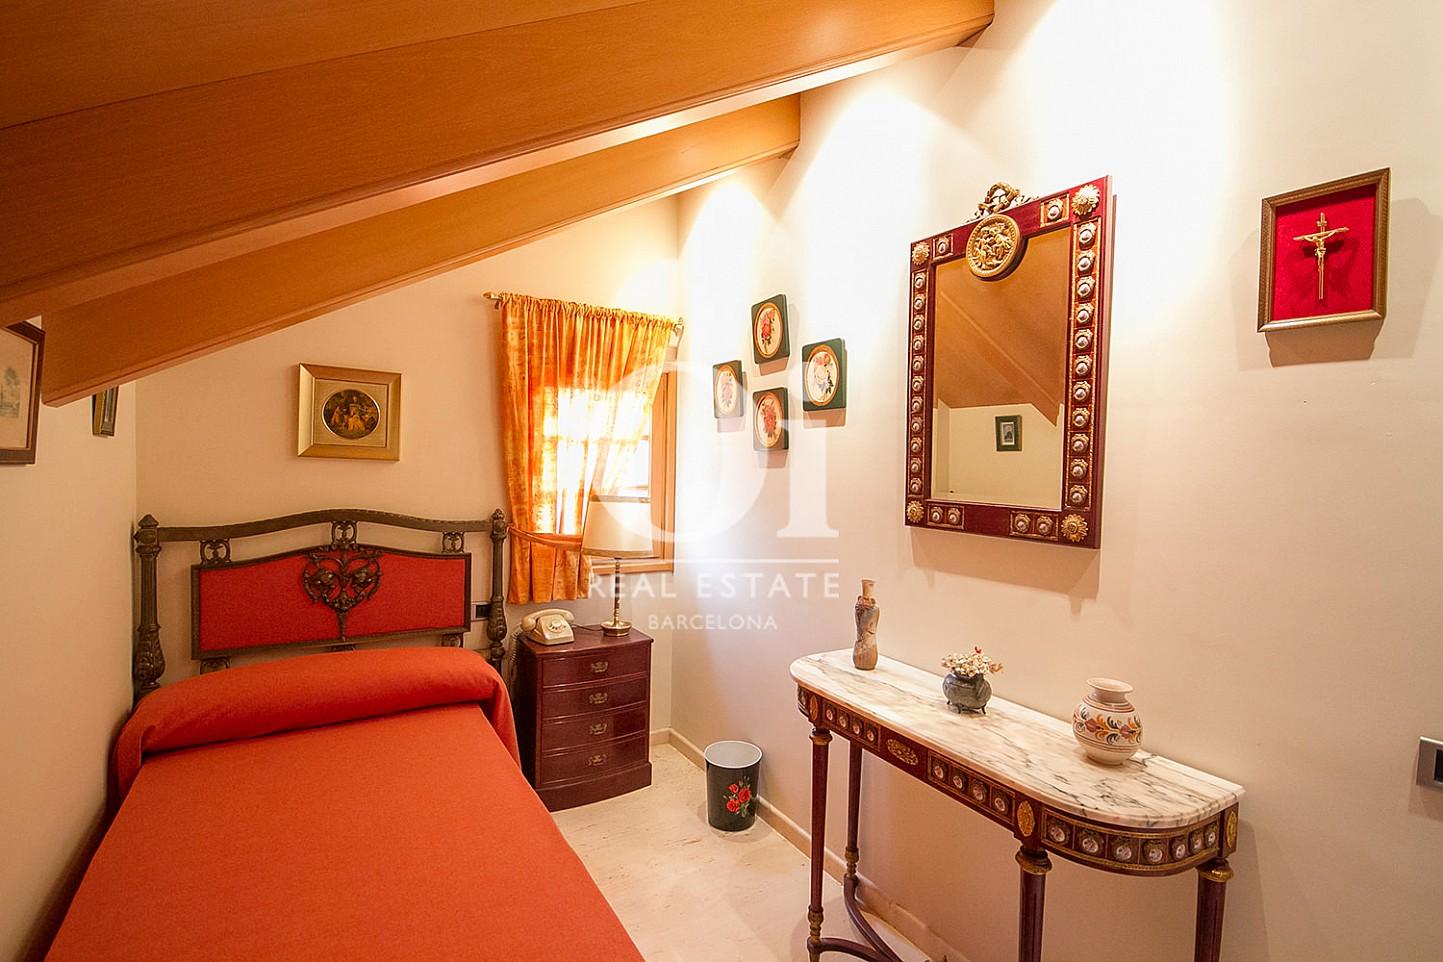 Schlafzimmer in Luxus-Immobilie zum Kauf in la Bonanova in Barcelona